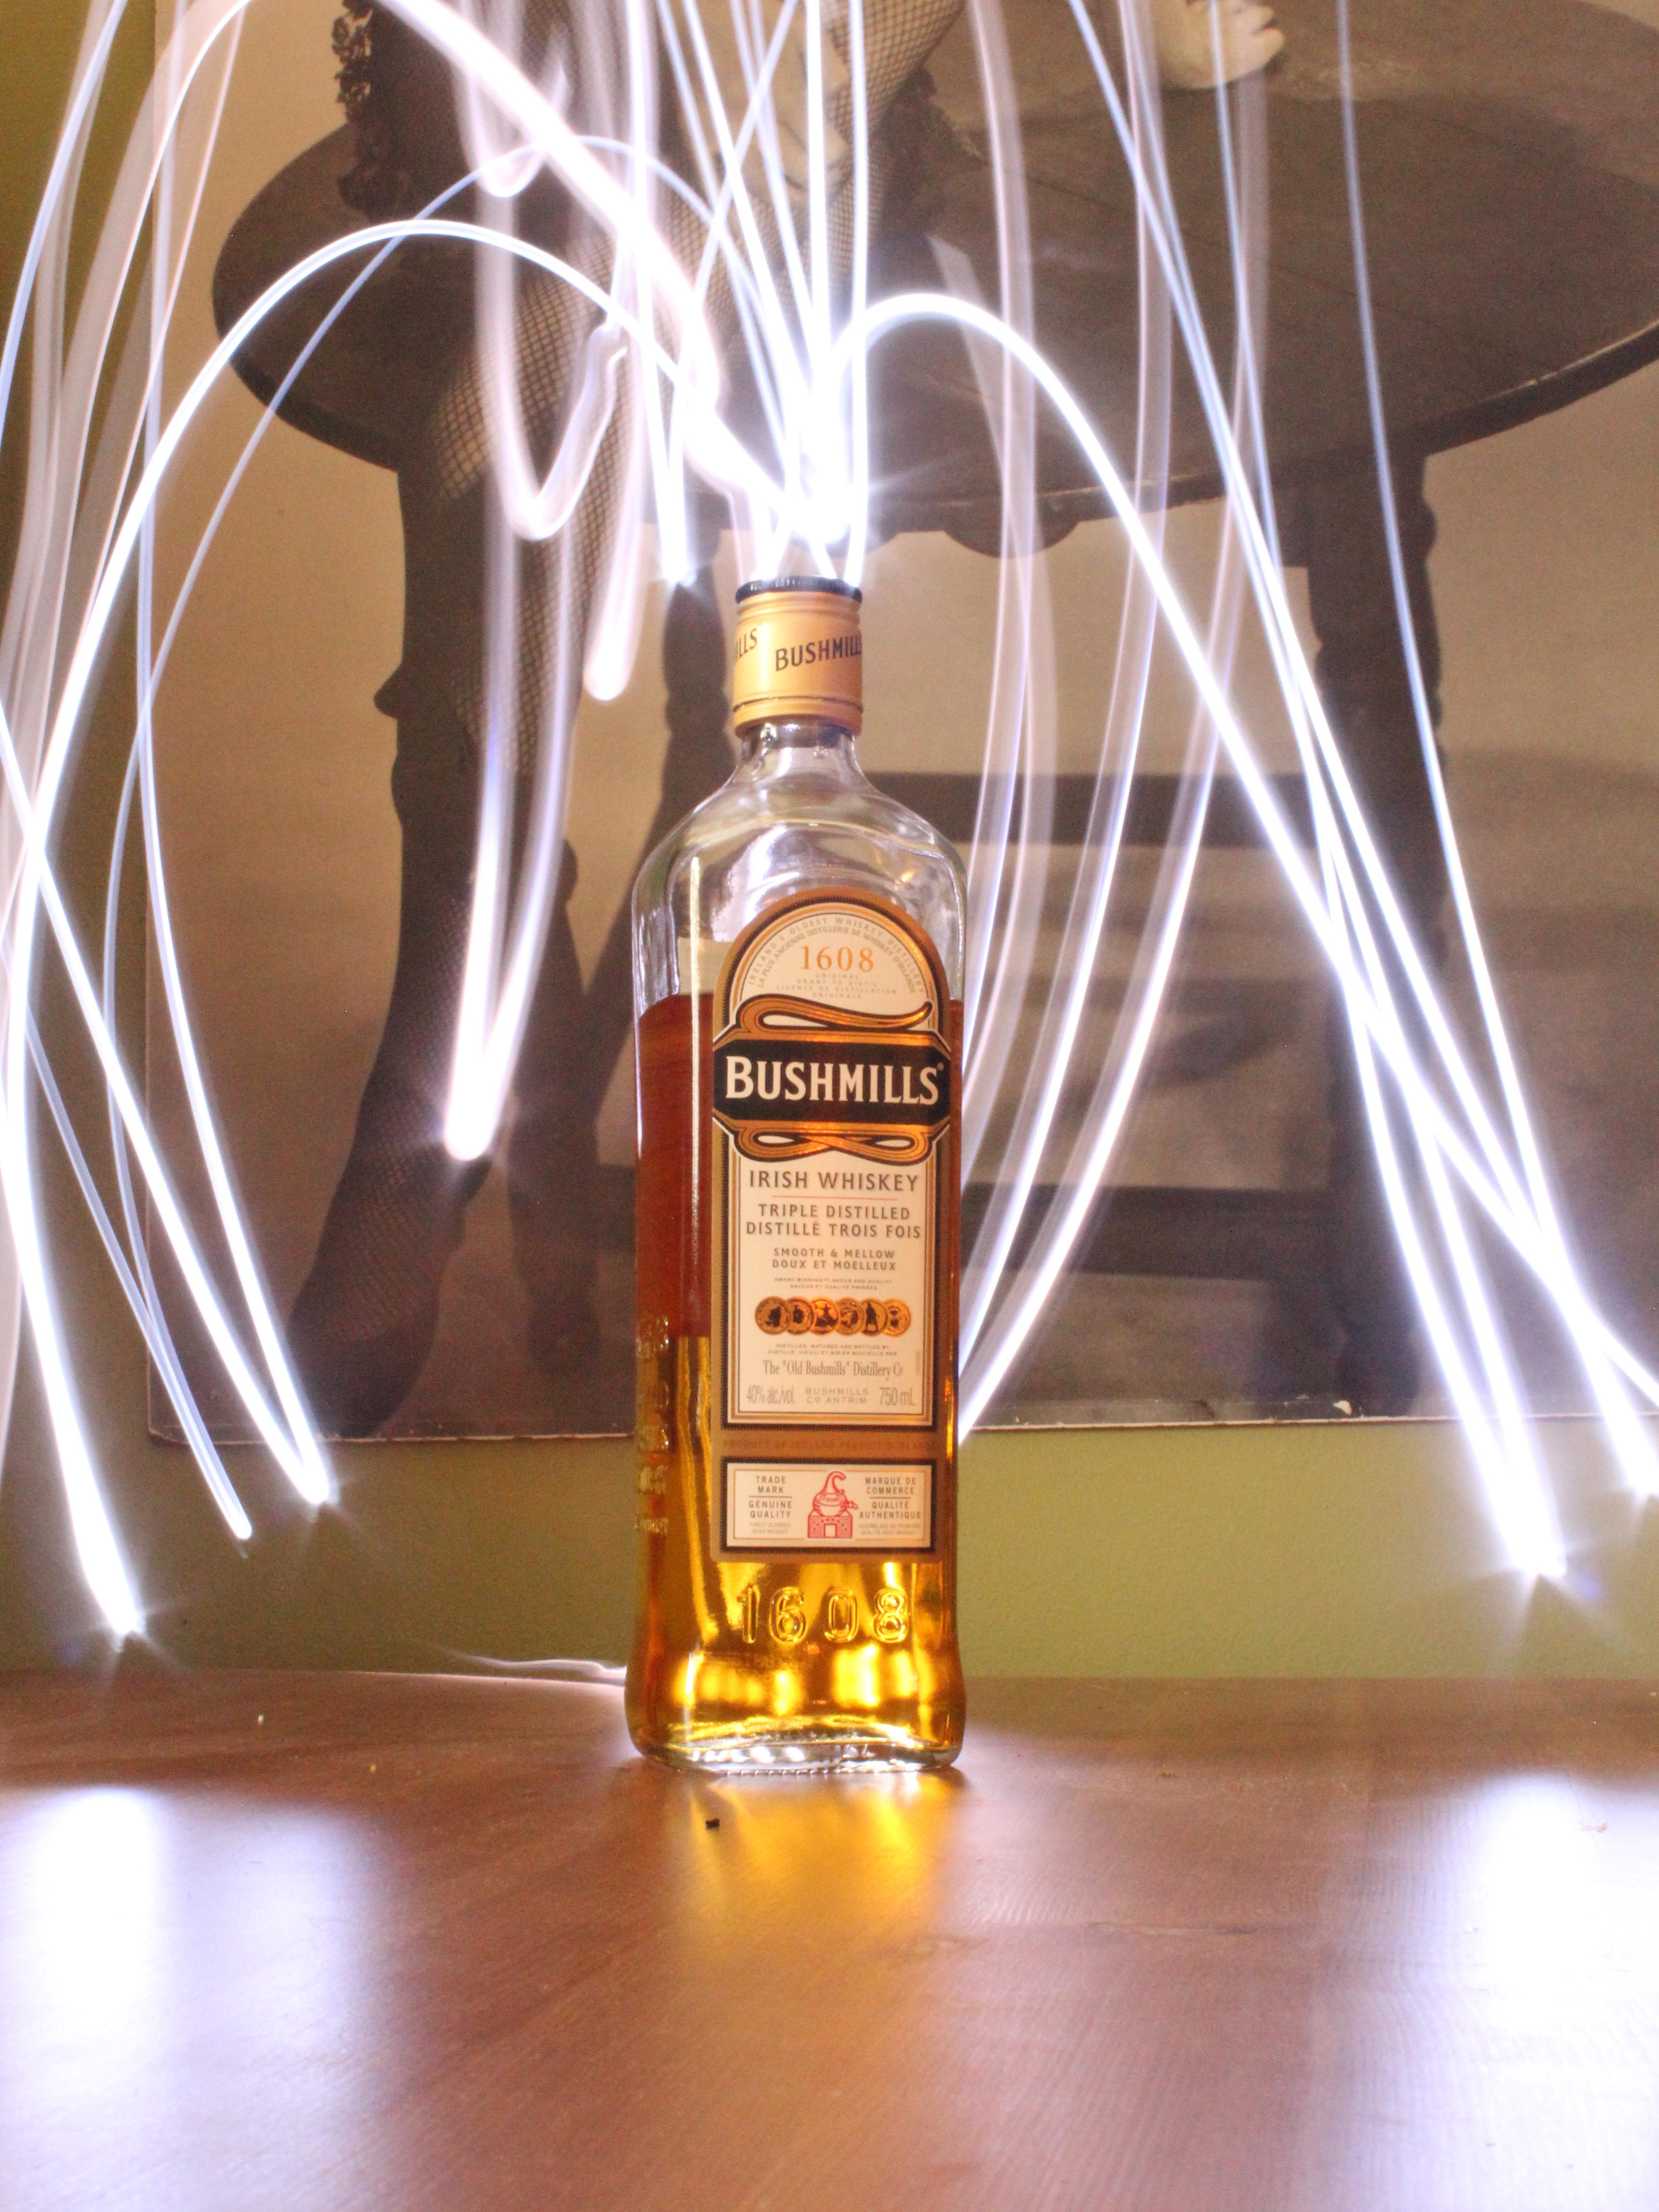 Bushmills Irish Whiskey with Dan & Goran